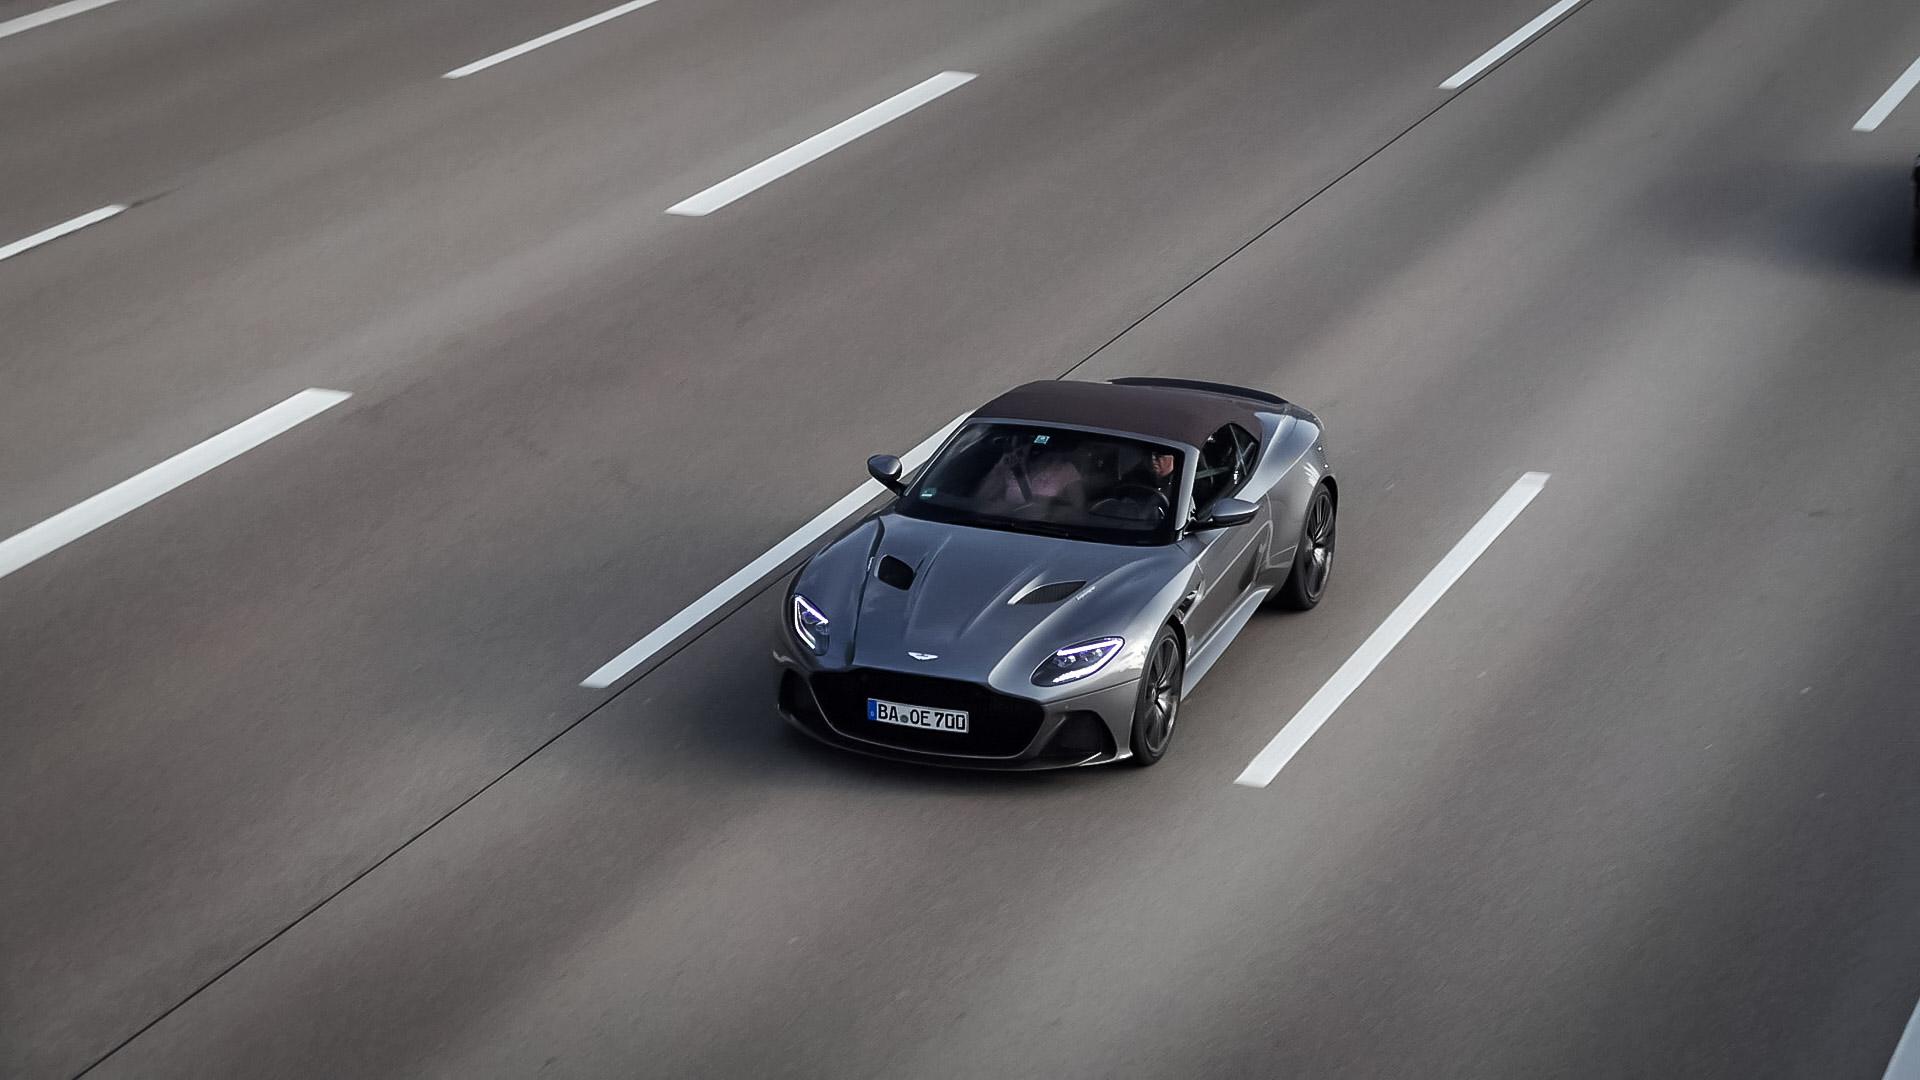 Aston Martin DBS Superleggera Volante - BA-OE-700